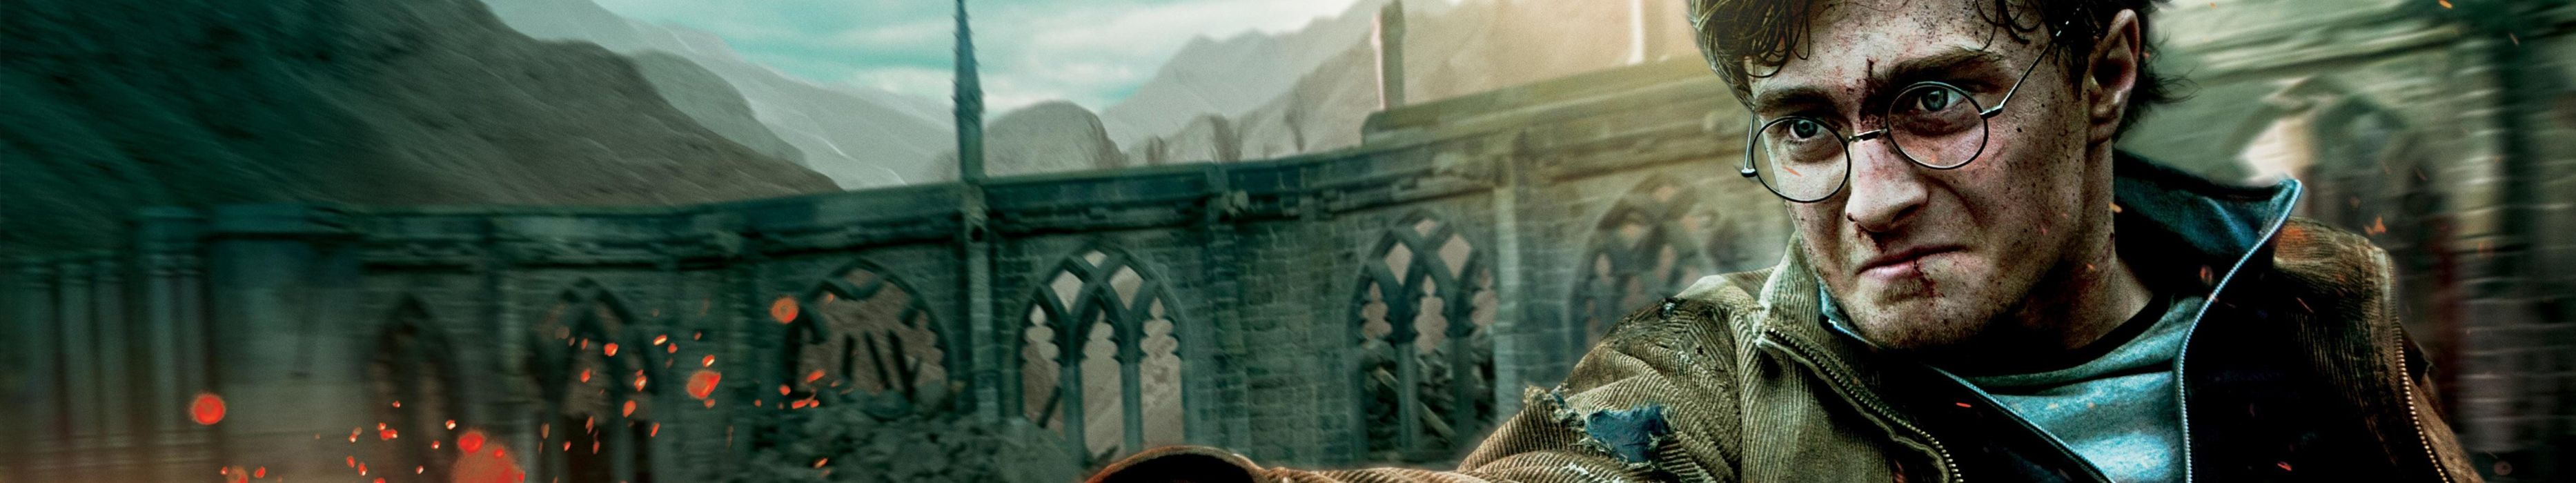 triple monitor multiple screen multi Harry Potter Daniel Radcliffe wallpaper